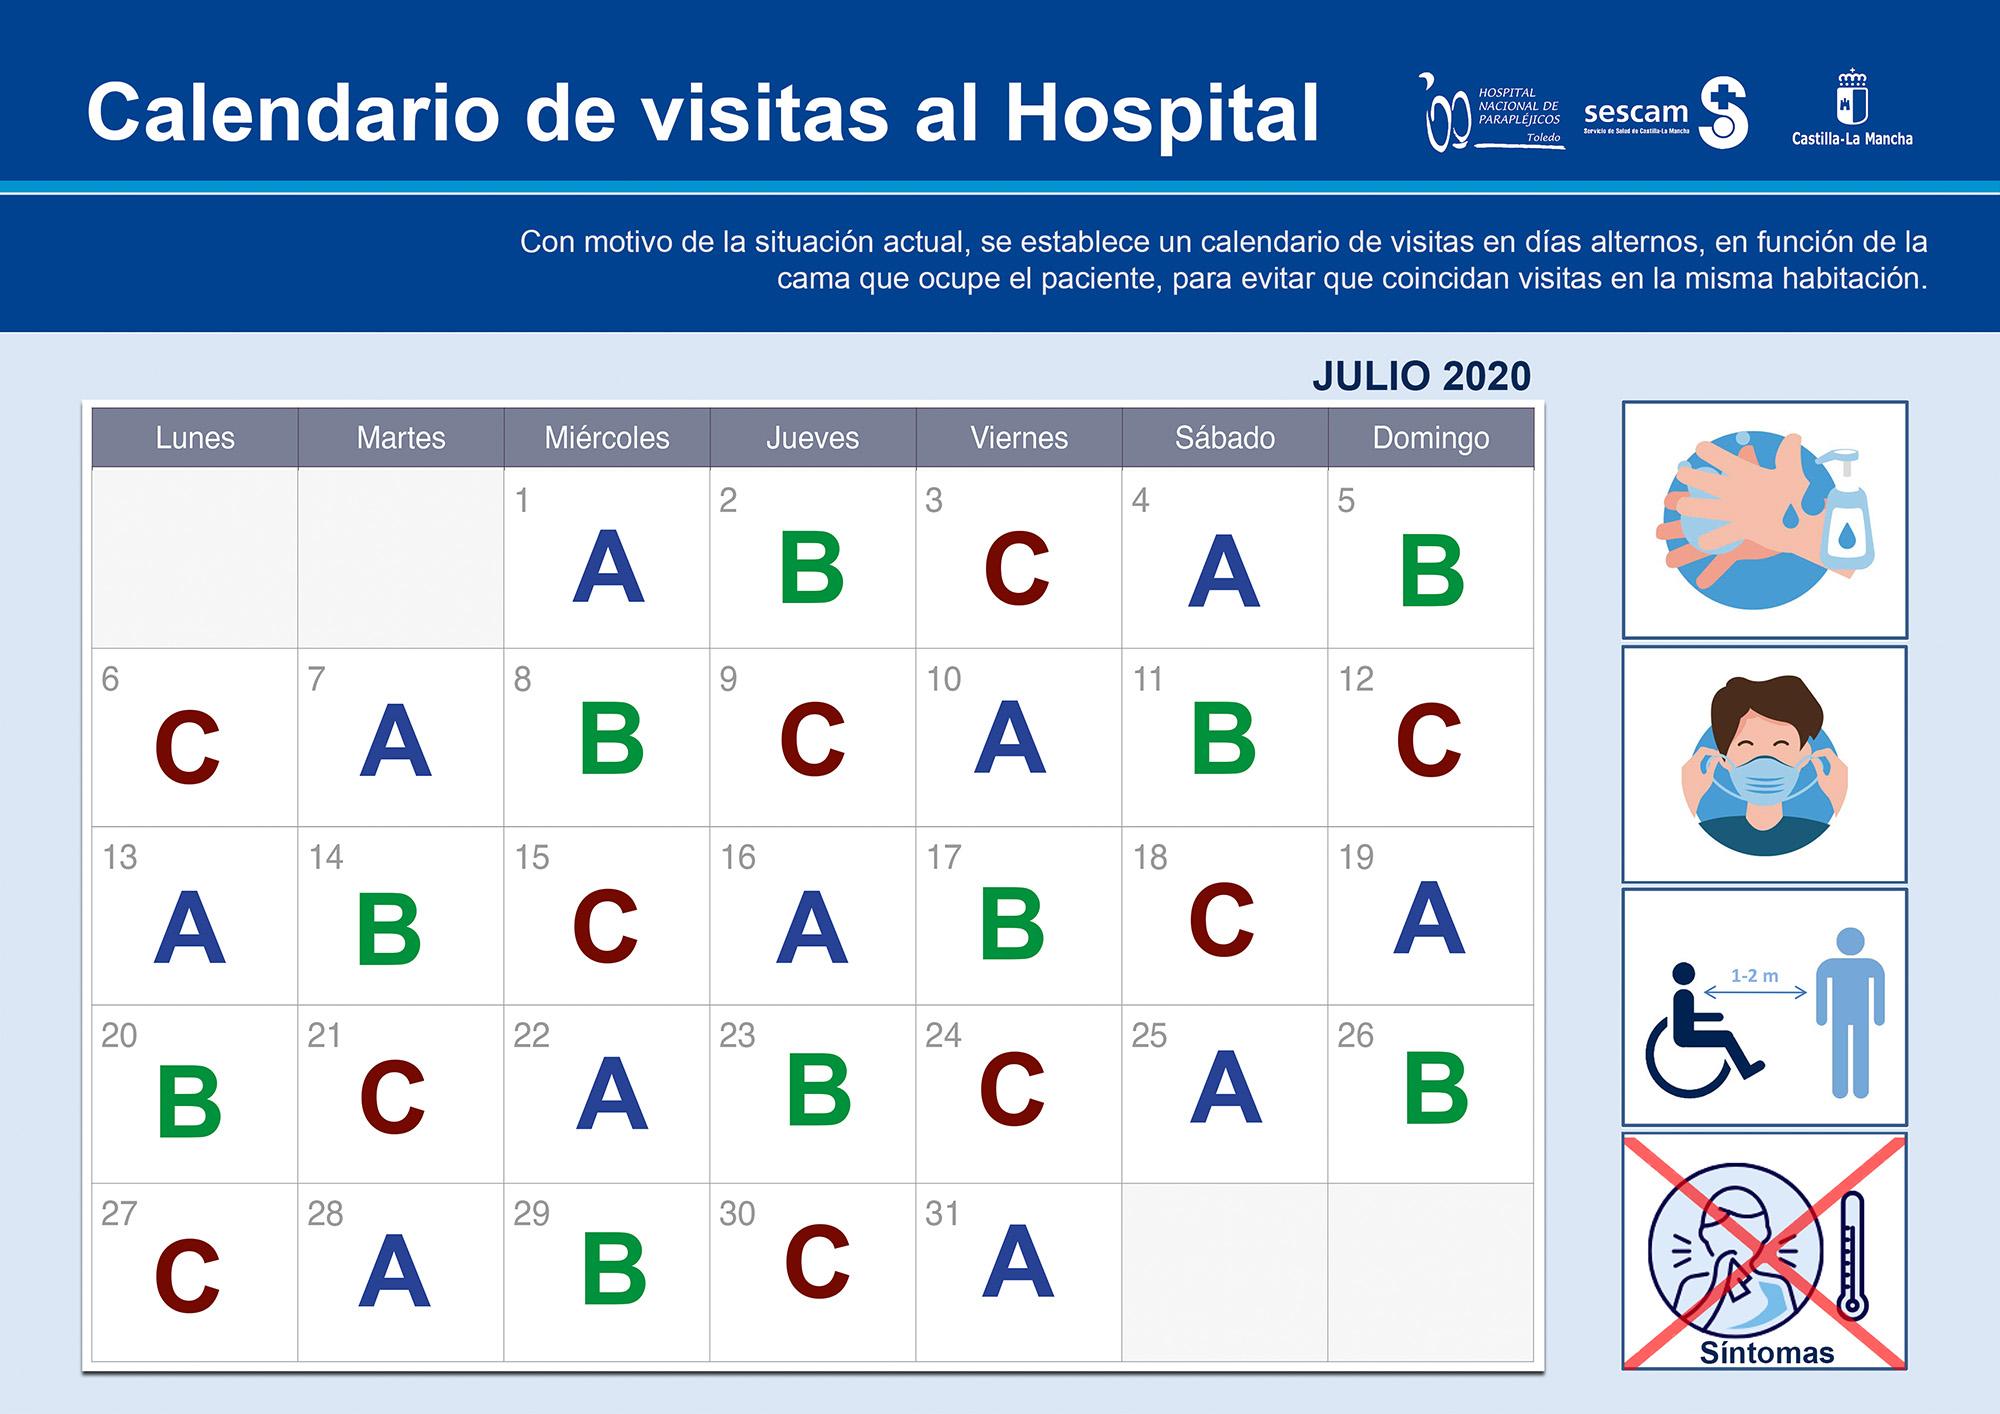 Calendario visitas julio